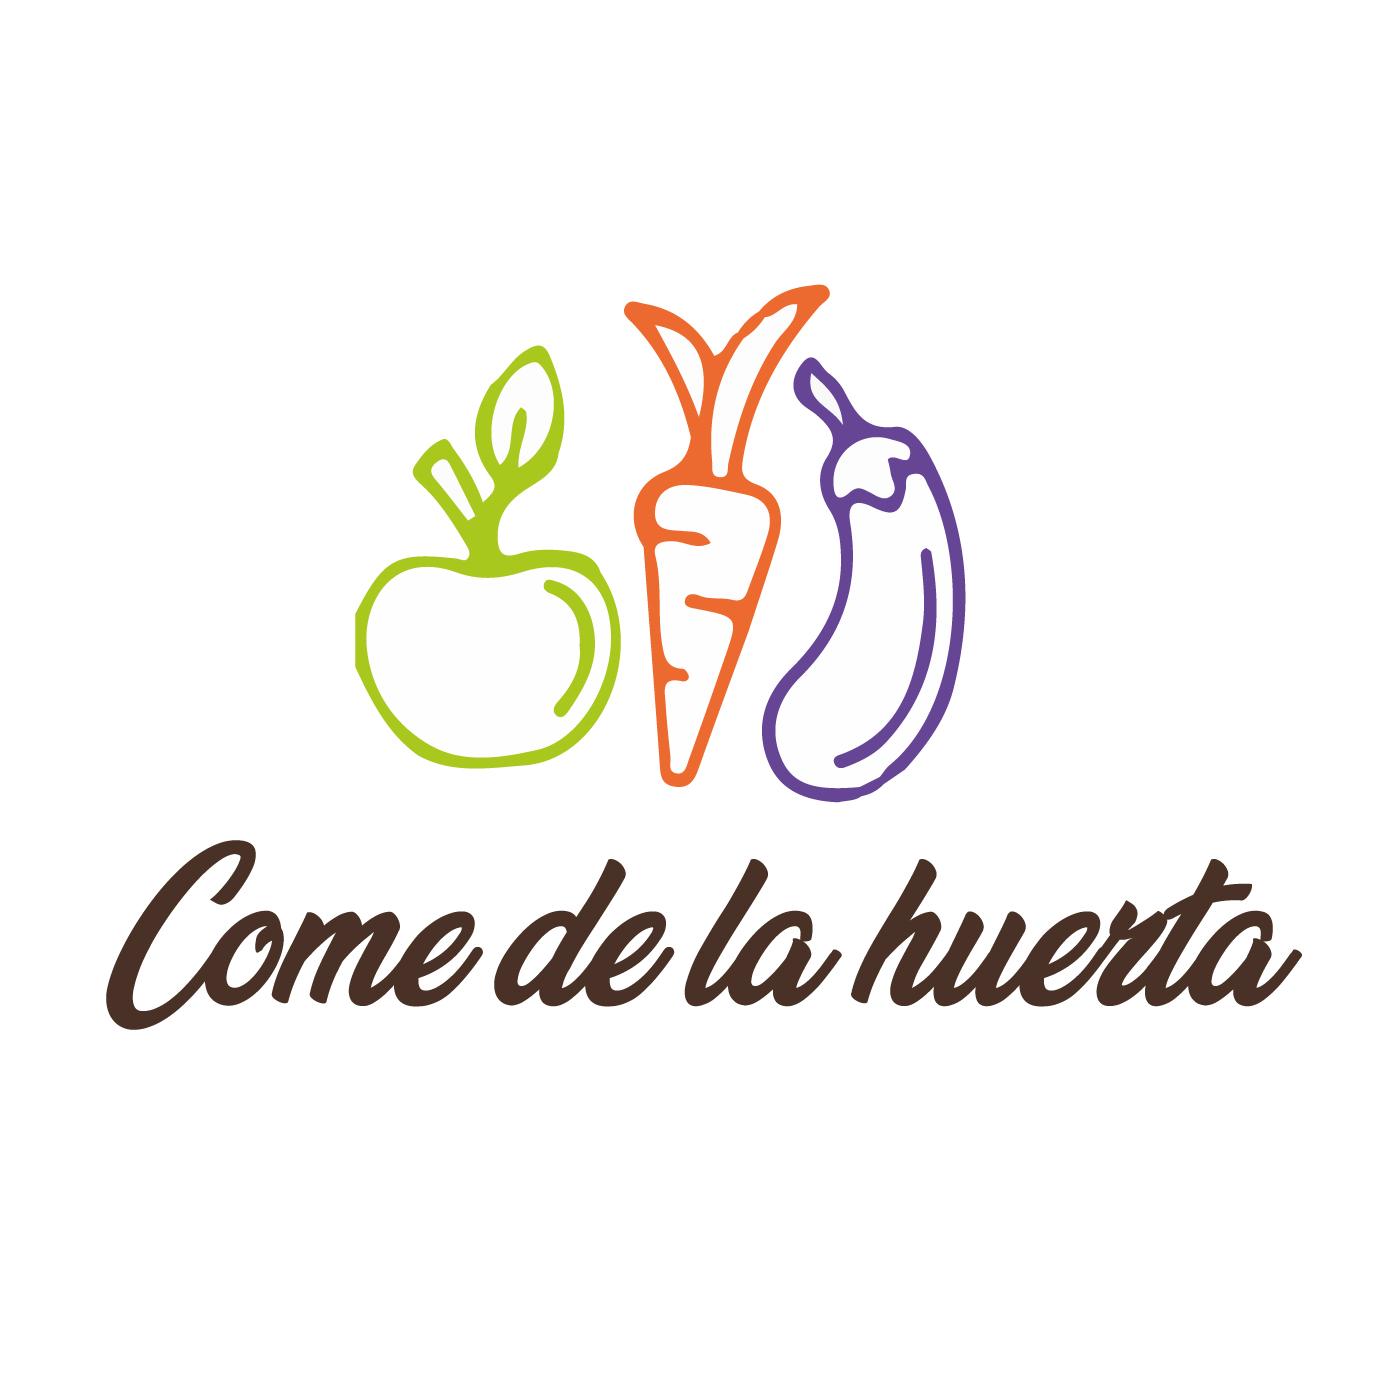 Come de la Huerta